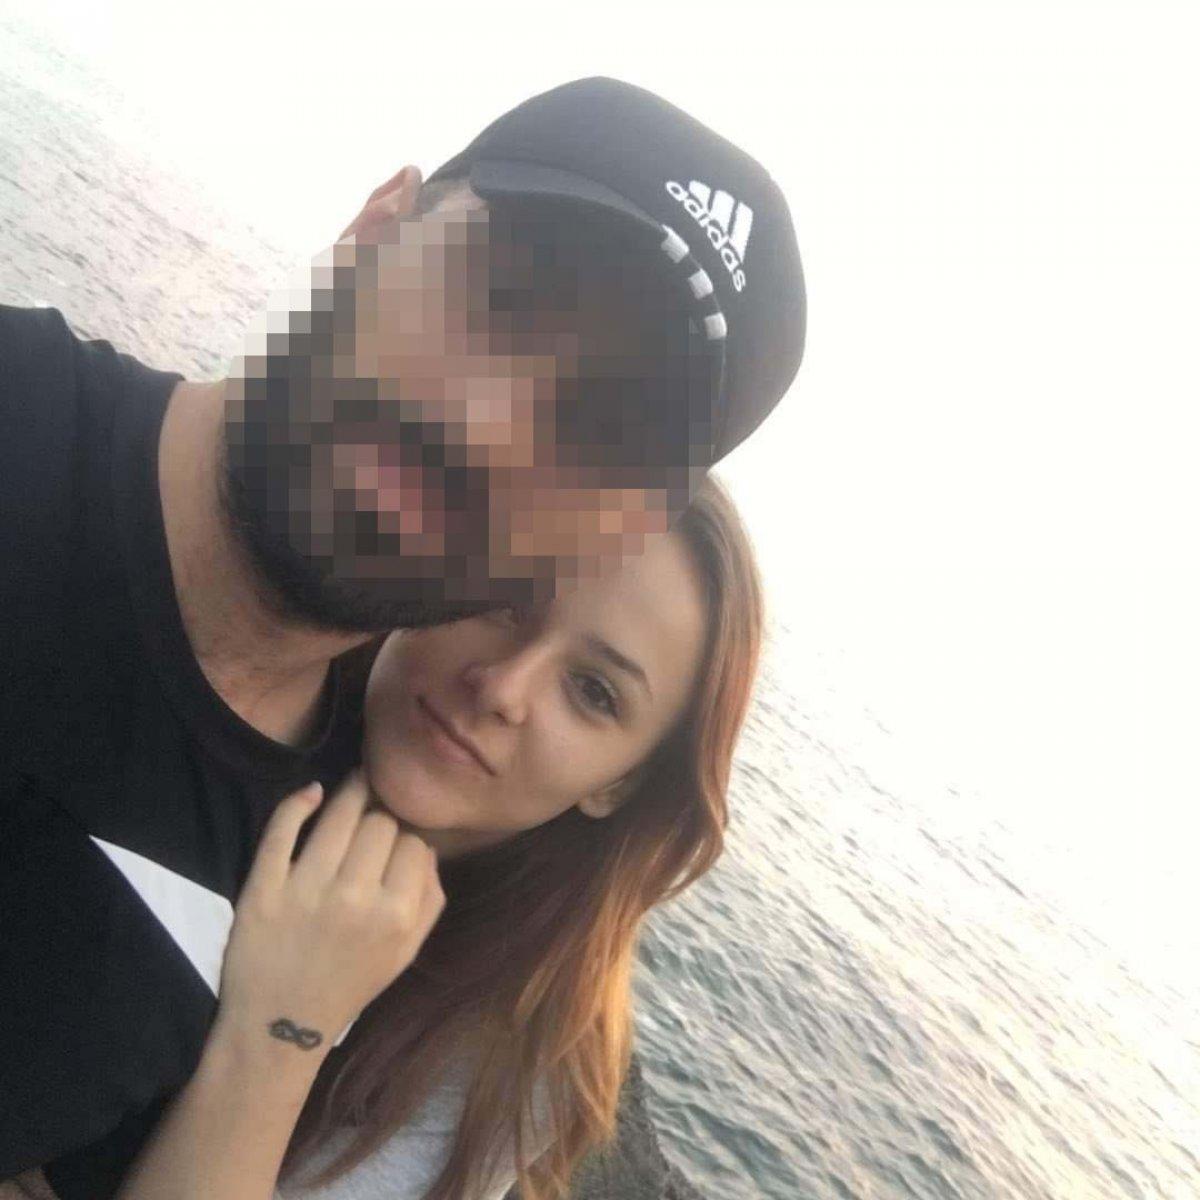 Kocaeli de ölü bulunan Sude nin erkek arkadaşı tutuklandı #2